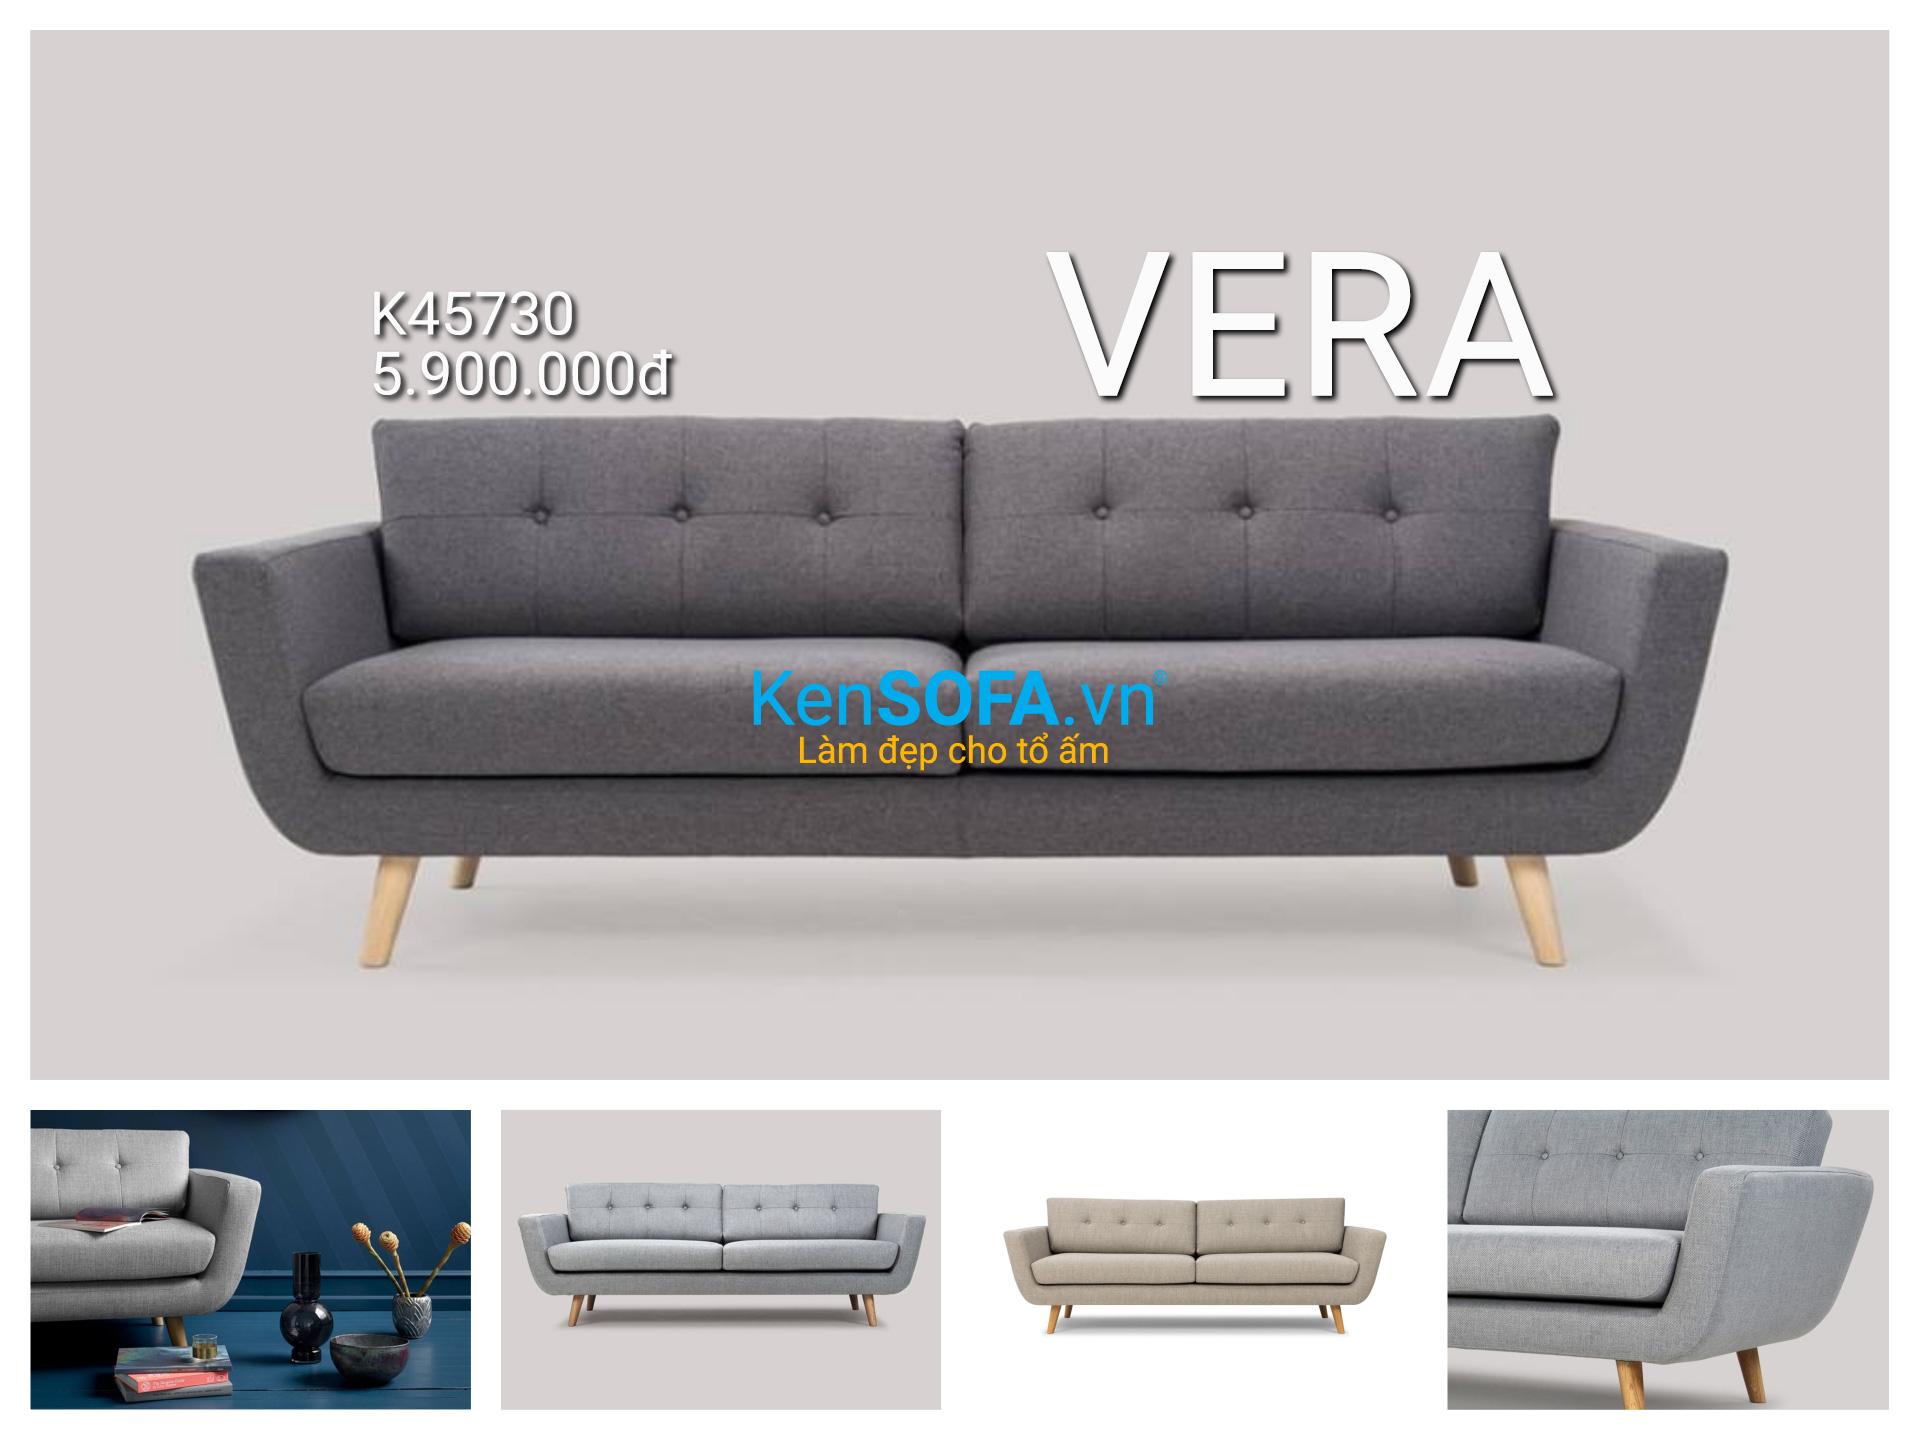 Ghế sofa băng K45730